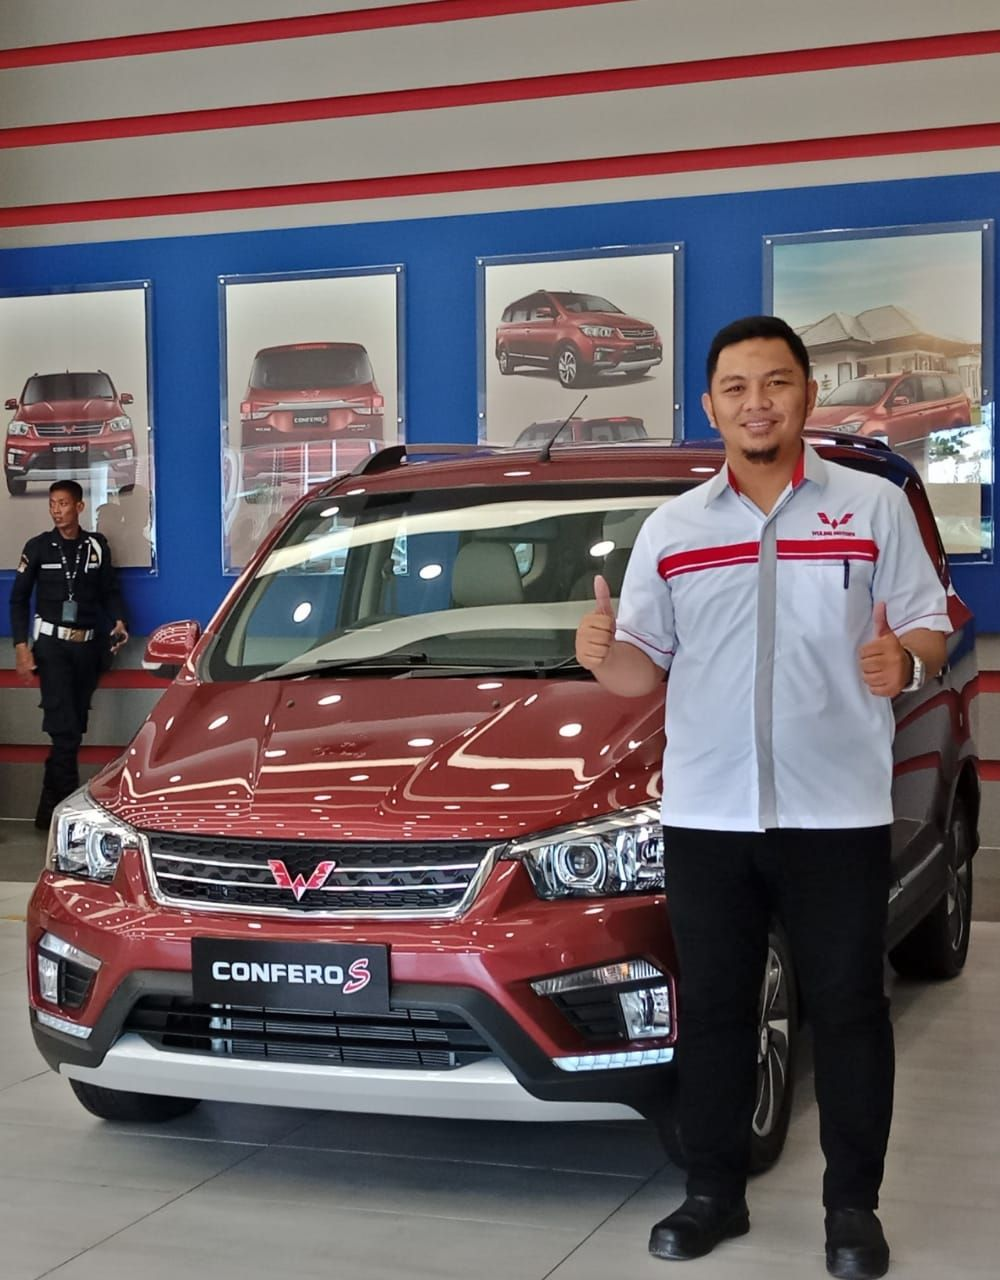 Showroom Mobil Wuling Makassar Melayani Penjualan Mobil All New Wuling Confero Dan Wuling Cortez Disini Anda Bisa Mendapatkan Info Harga Terbaru Promo Makassar